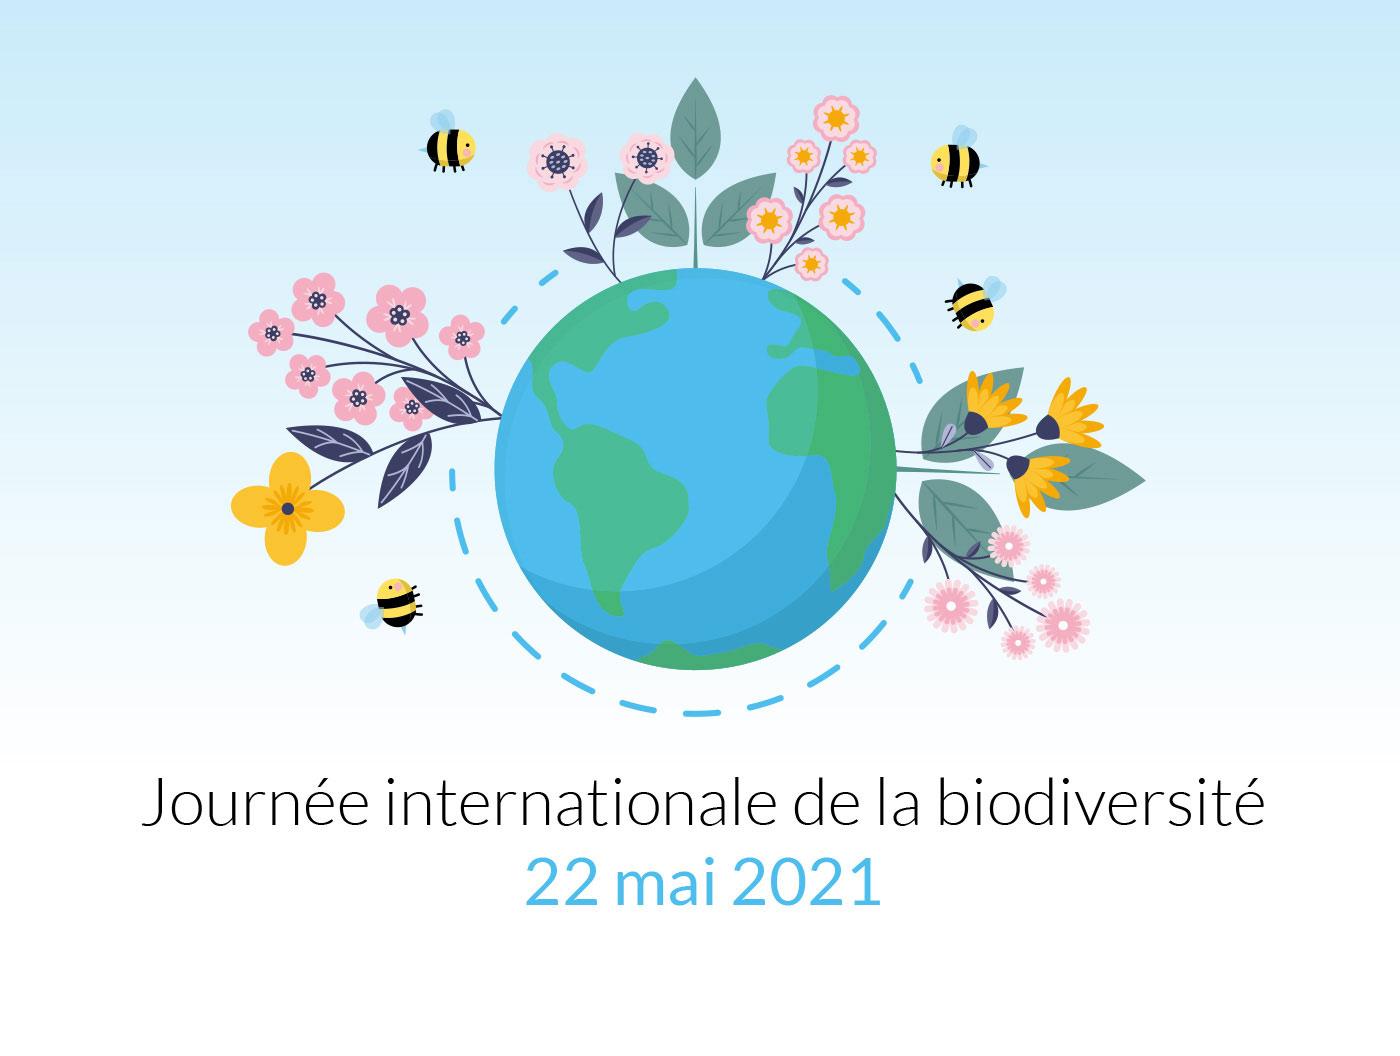 Samedi, c'est la journée internationale de la biodiversité !